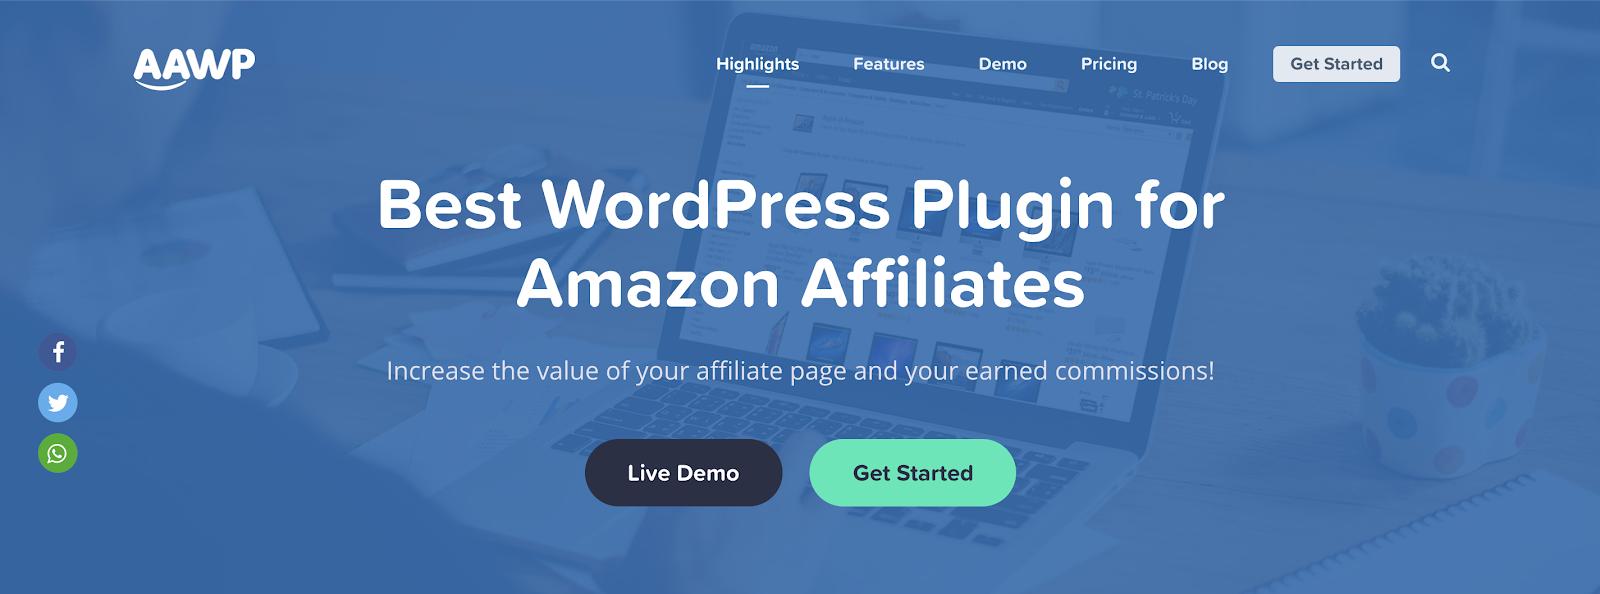 aawp wordpress amazon affiliate plugin